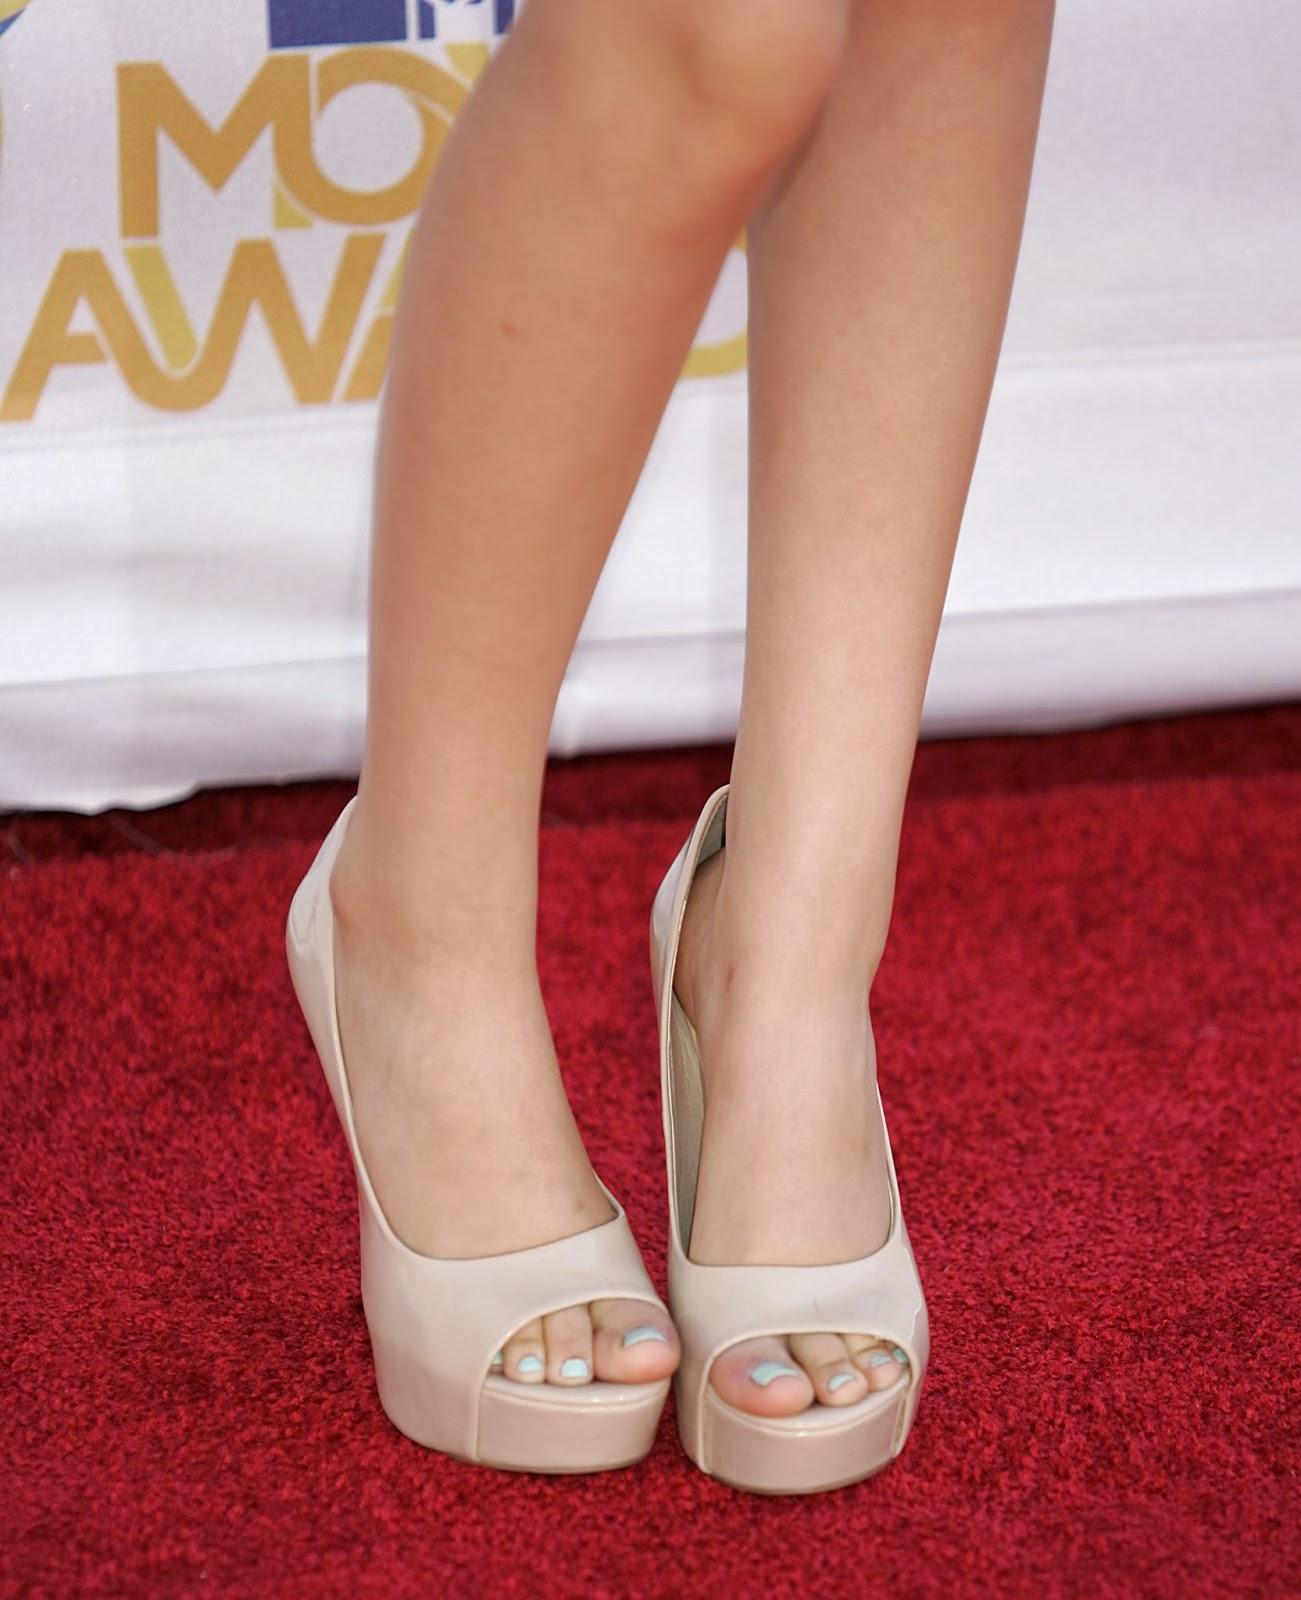 descargar imagenes de zapatillas gratis - imagenes de zapatillas | Descargar Fondos de pantalla zapatillas nike hd Fondos 7